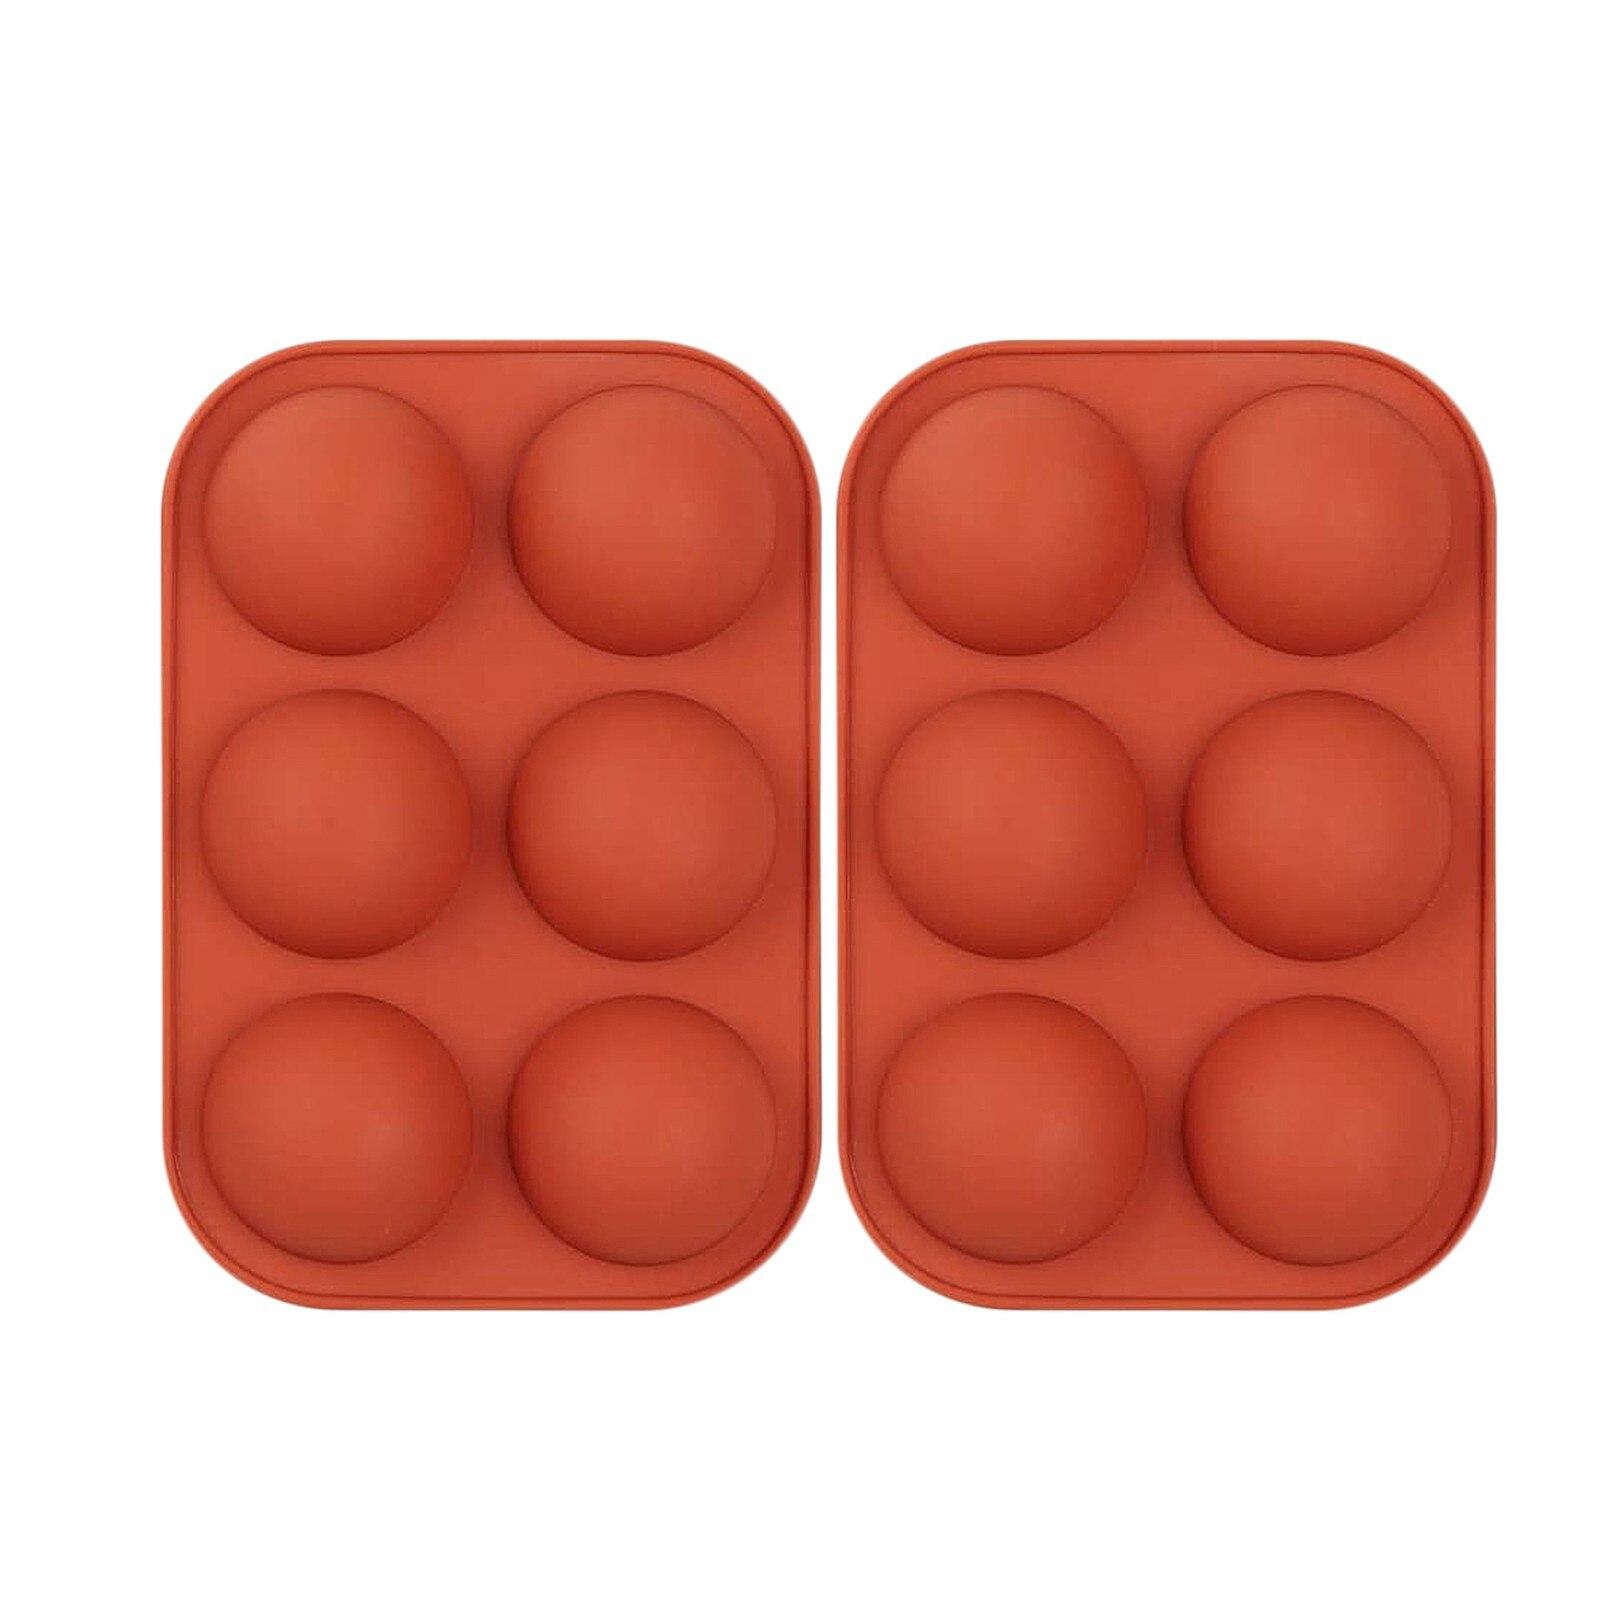 Полусферическая силиконовая форма, 2 упаковки, форма для выпечки для изготовления шоколада, торта, желе, Купола, форма для кастрюль, инструме...